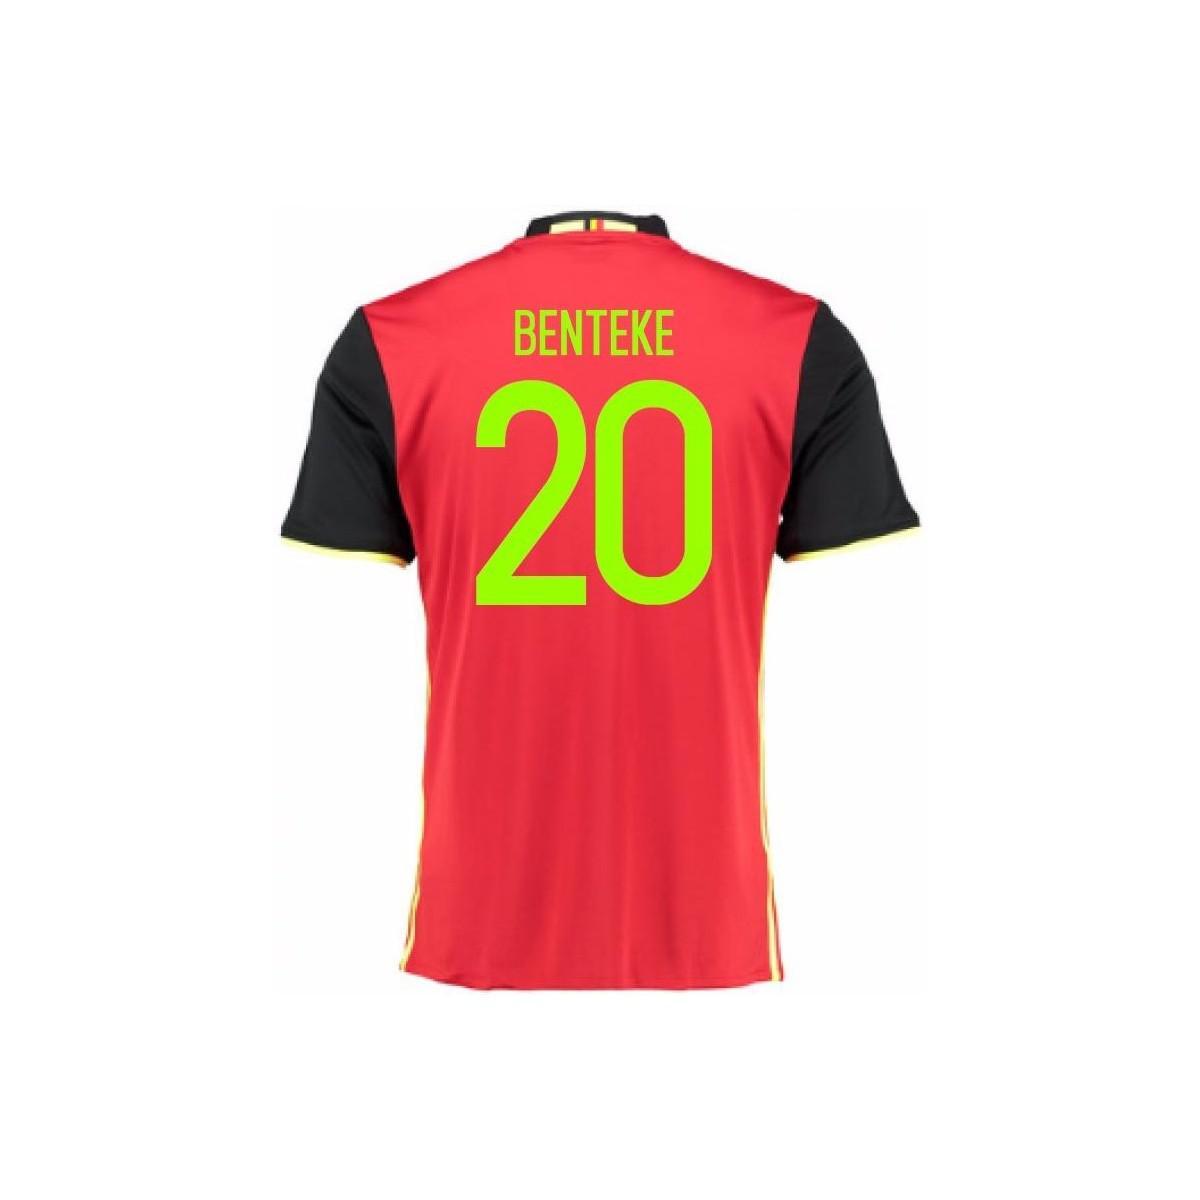 Adidas 2016-2017 Belgium Home Shirt (benteke 20) Men s T Shirt In ... c8b638474